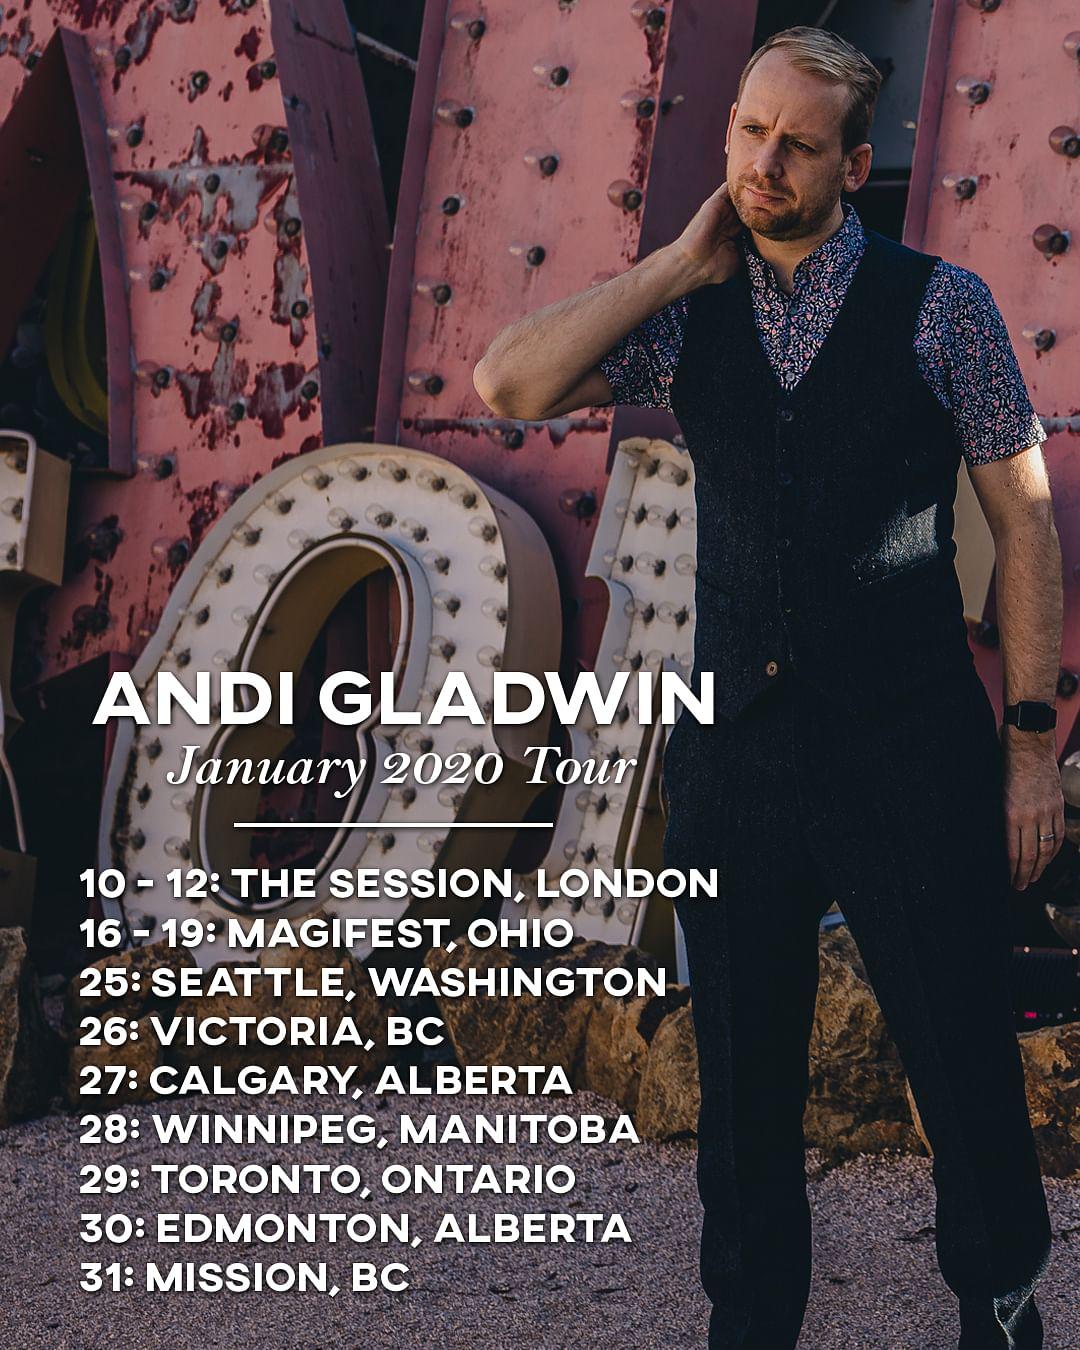 Andi Gladwin lecture tour